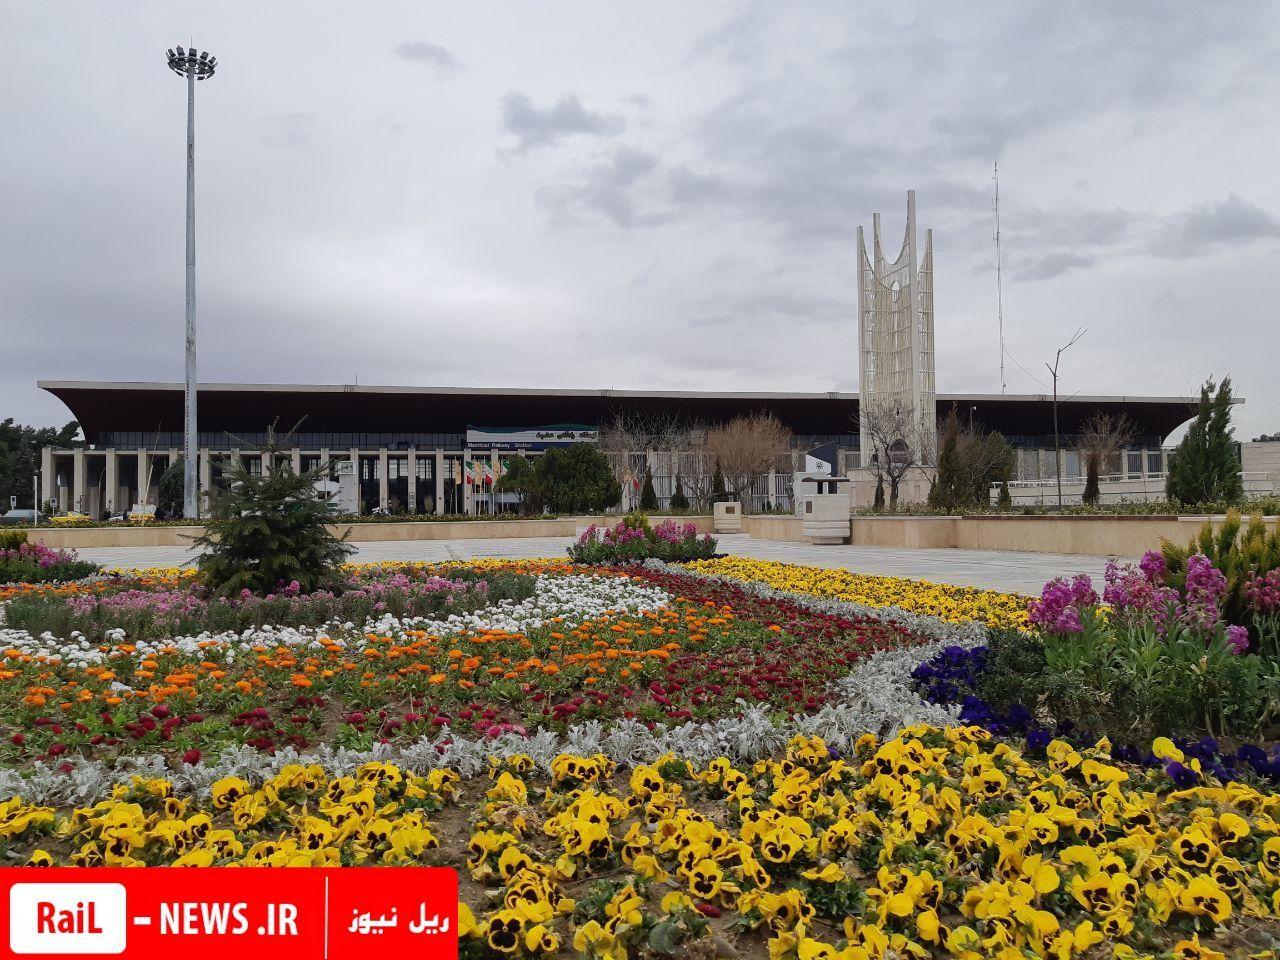 جابجایی ۹۱۶ هزار و ۳۰۰ زائر و مسافر در نوروز ۹۸ در اداره کل راه آهن خراسان